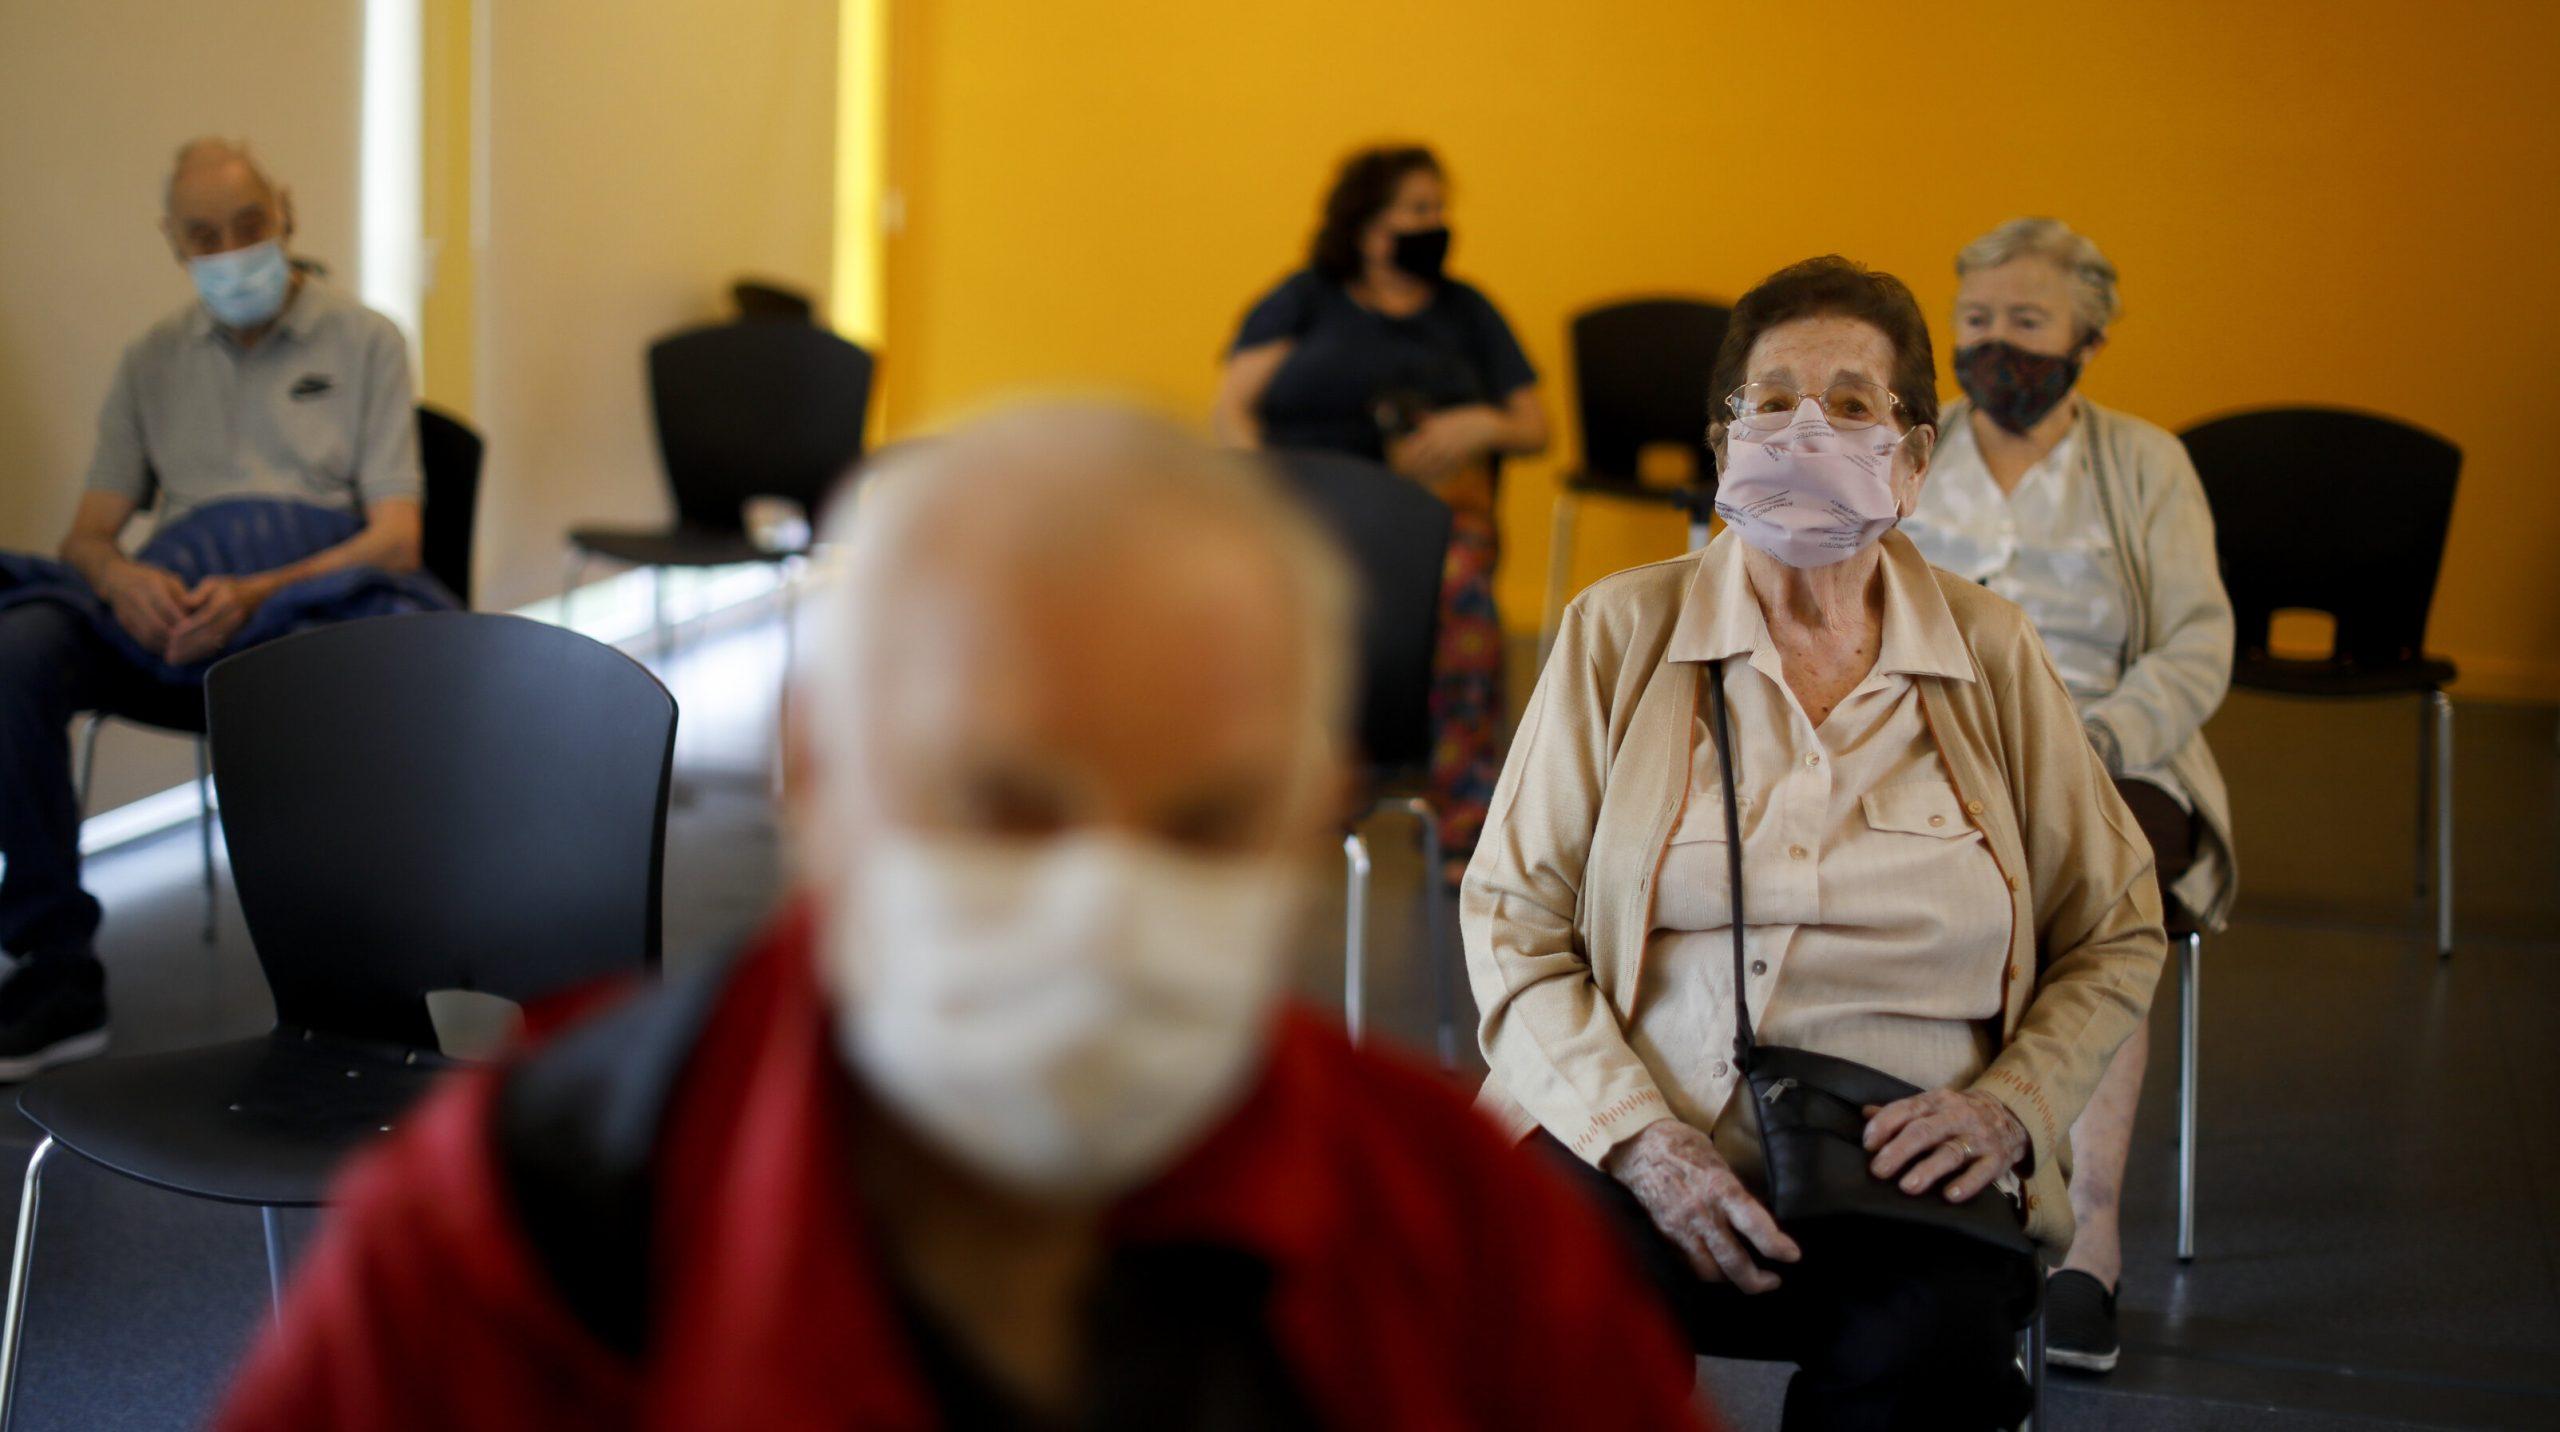 Oficialii regiunii spaniole Galicia vor vaccinare anti-Covid obligatorie și amenzi de până la 60.000 de euro în caz de refuz